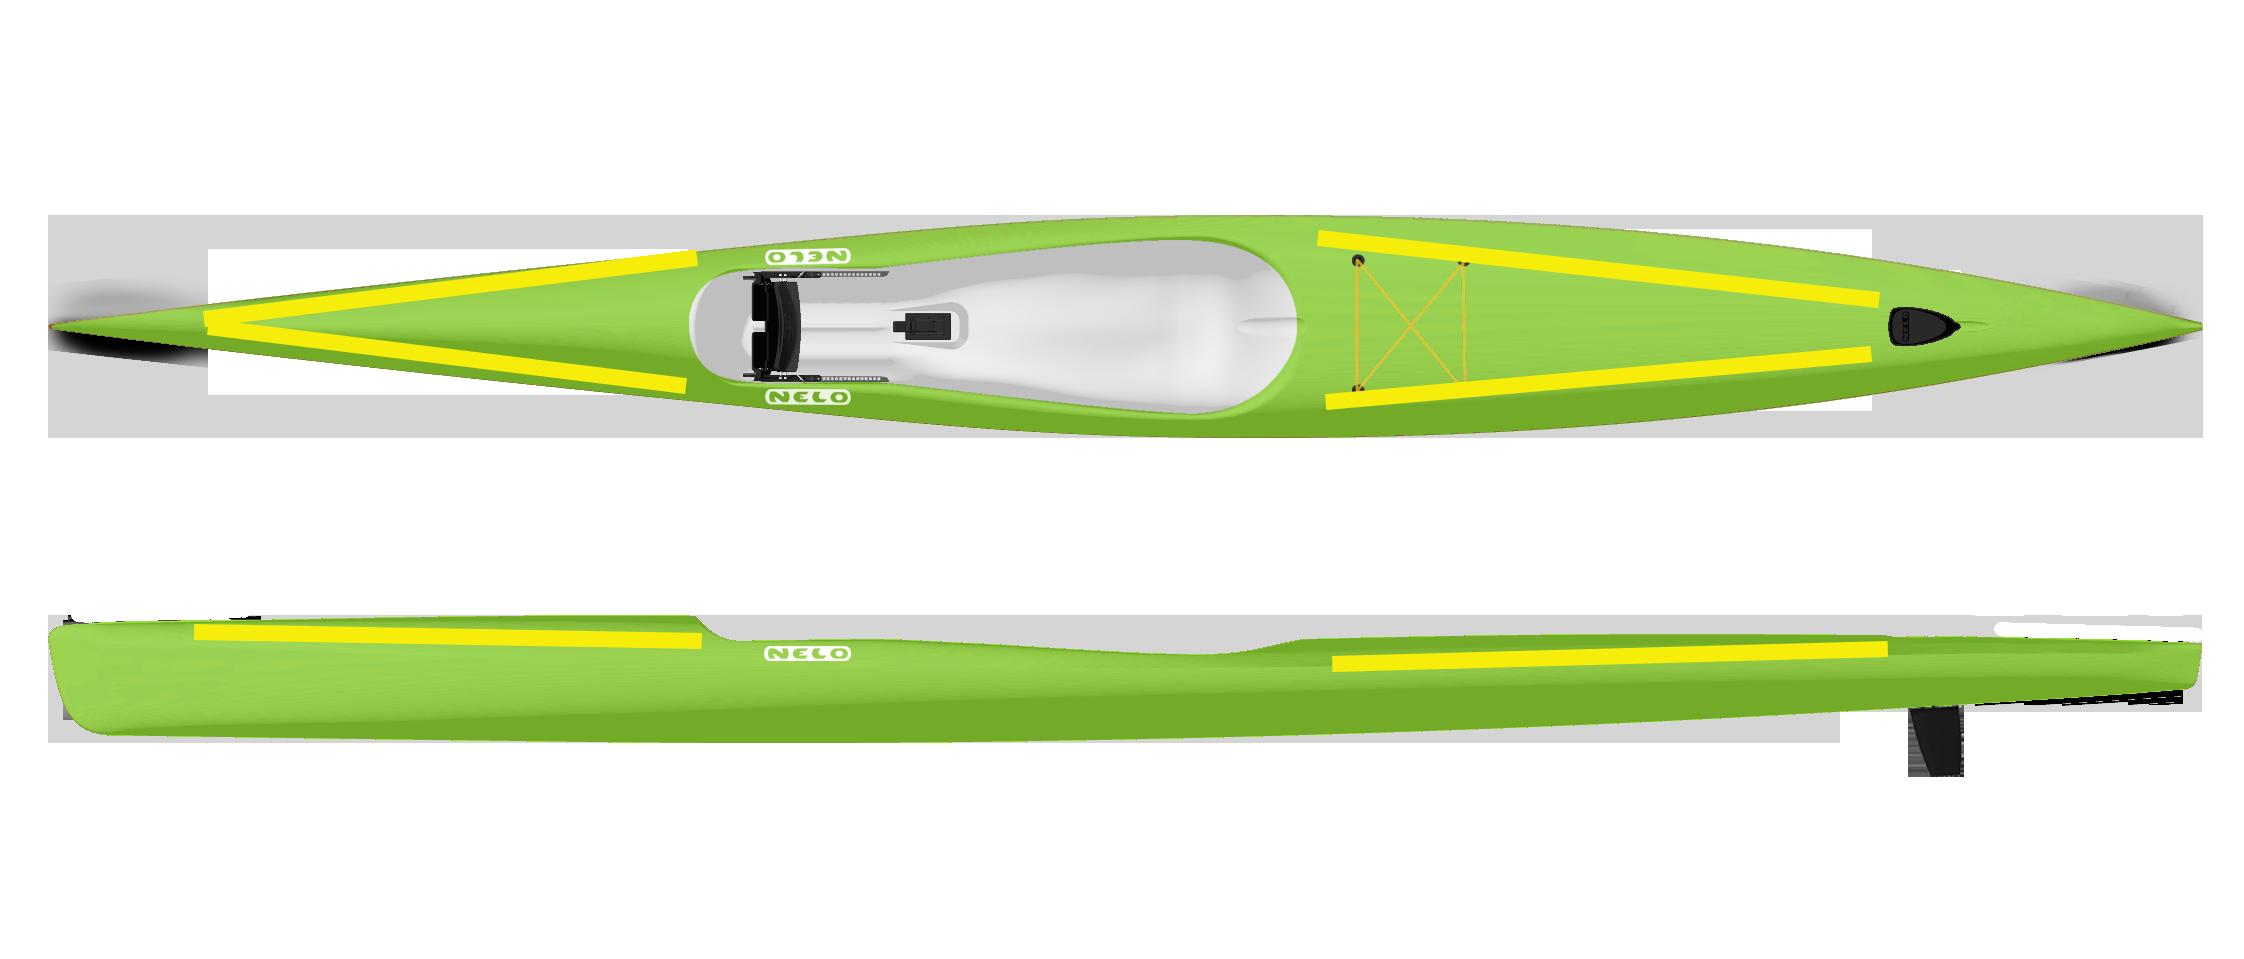 nelo 540 surfski